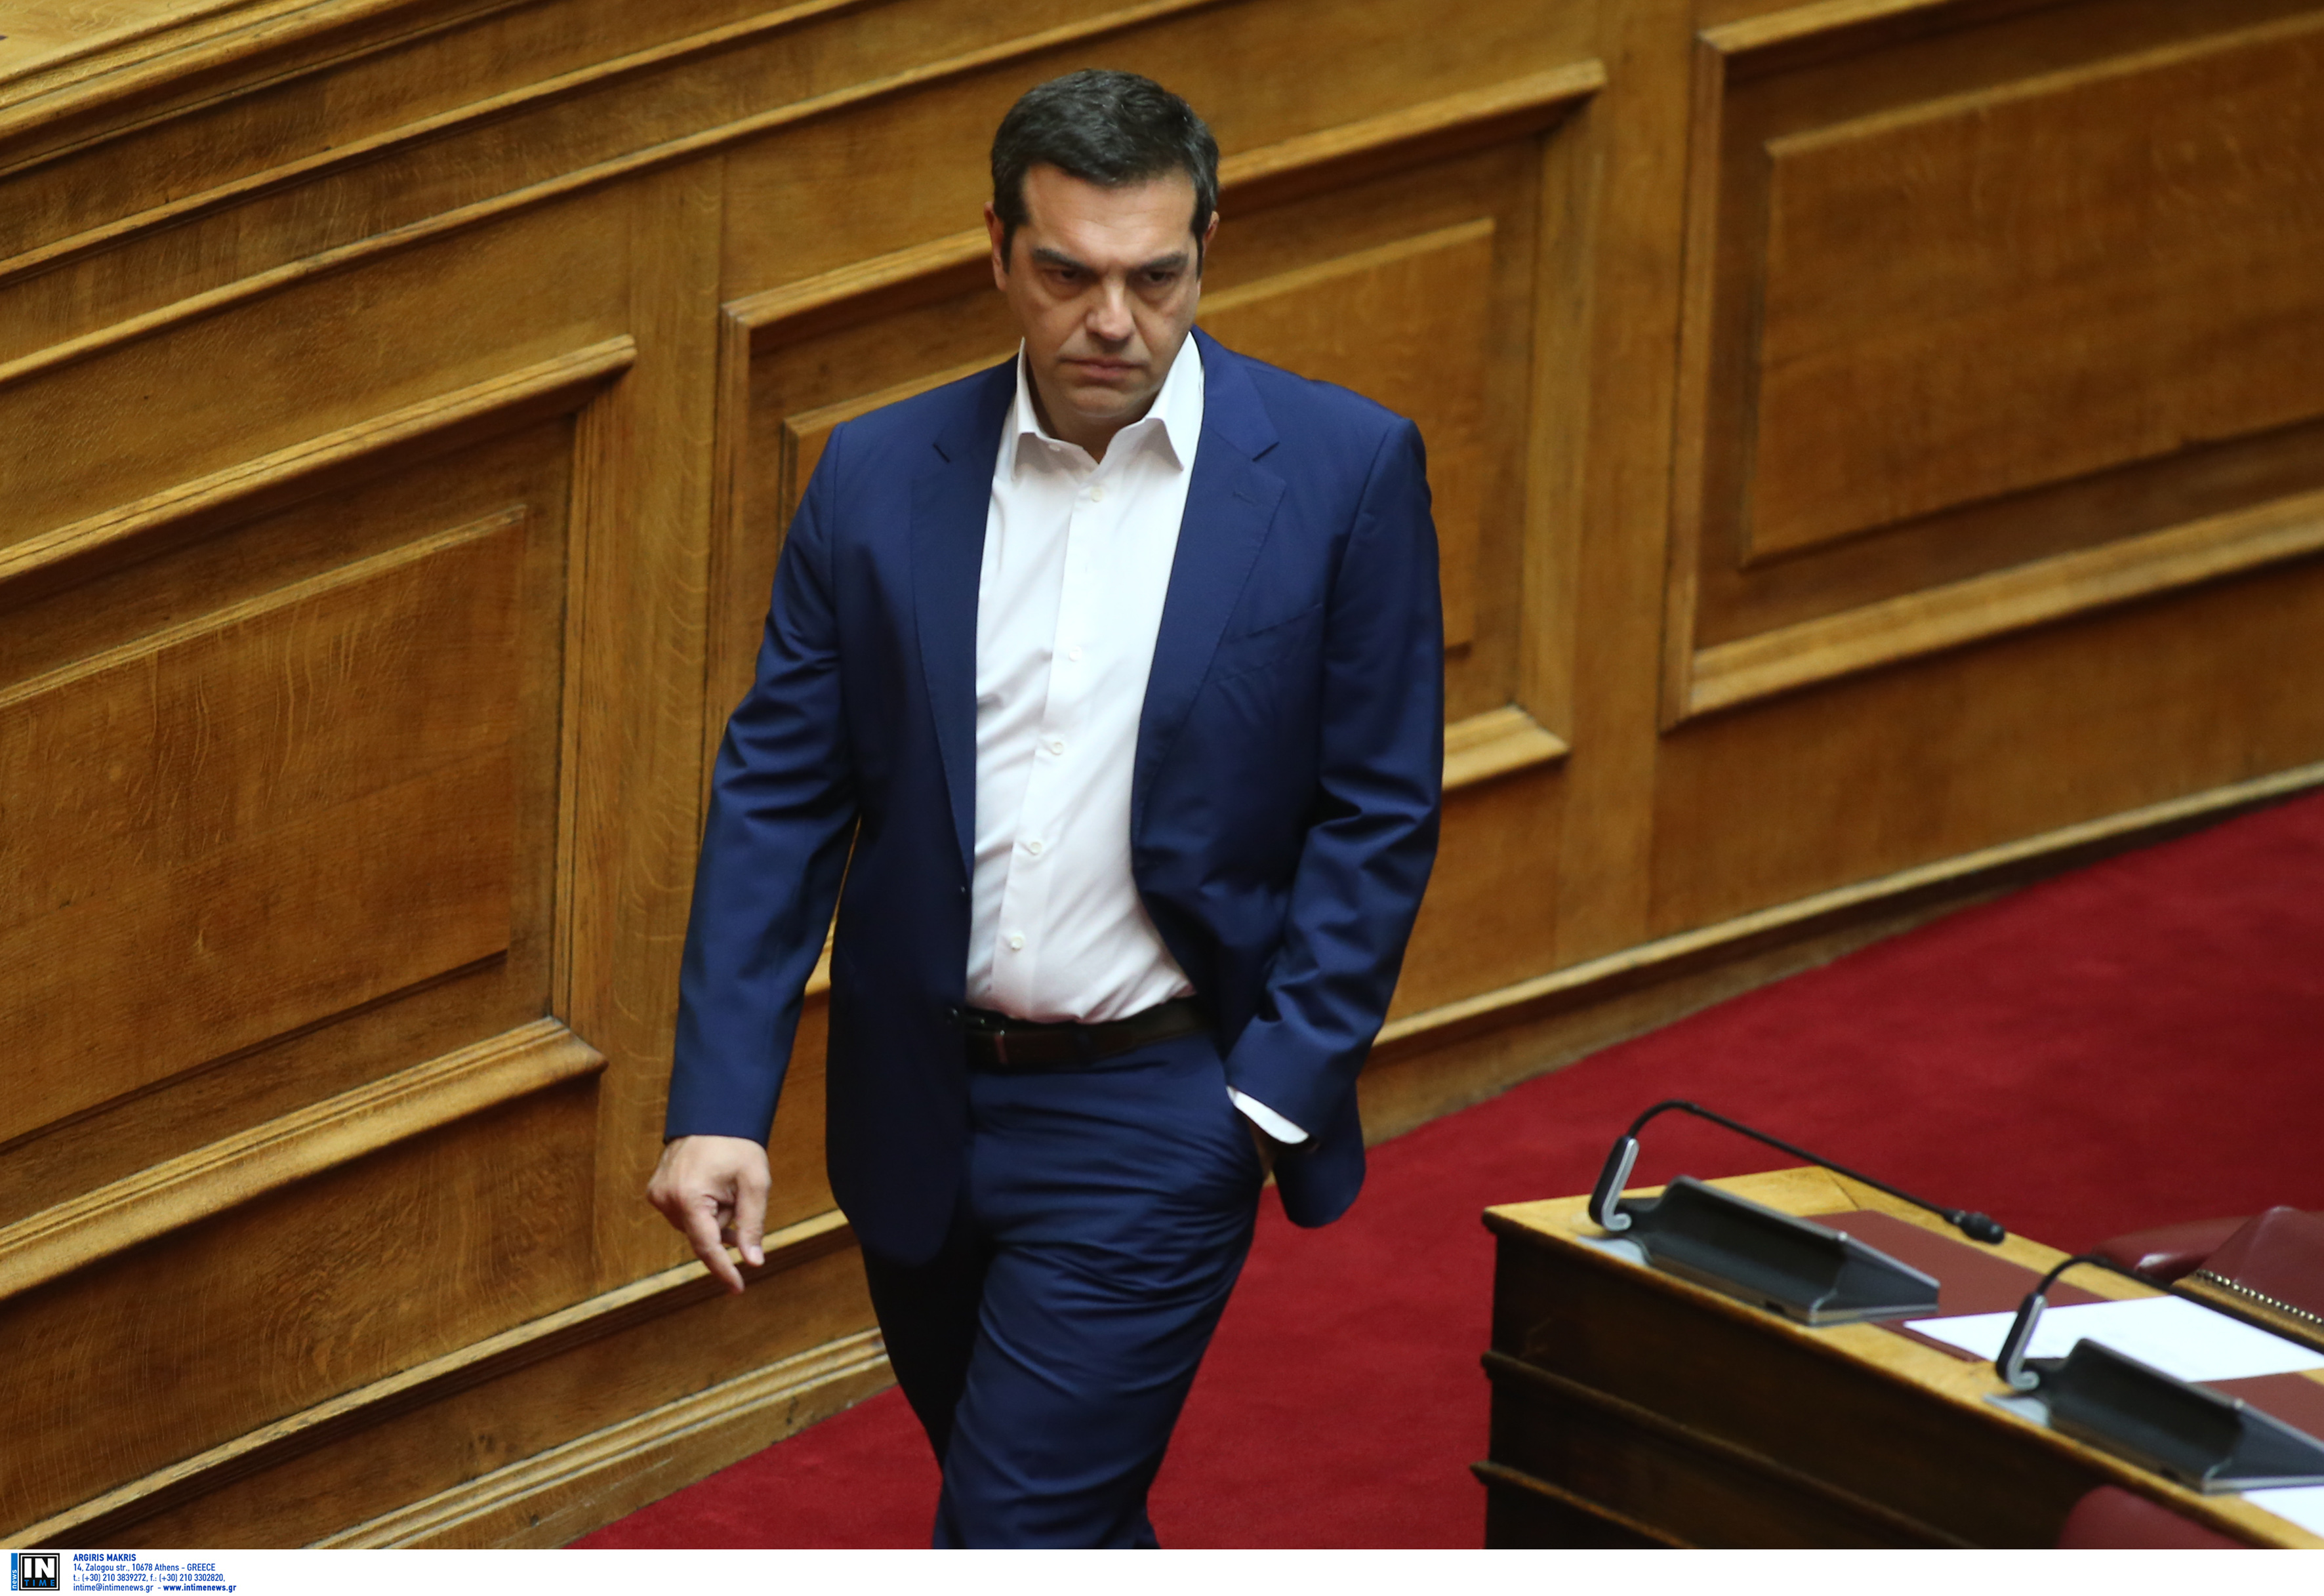 """Στην πορεία για το Πολυτεχνείο ο Τσίπρας - """"Παλιοί υμνητές της χούντας σε κυβερνητικούς θώκους"""""""